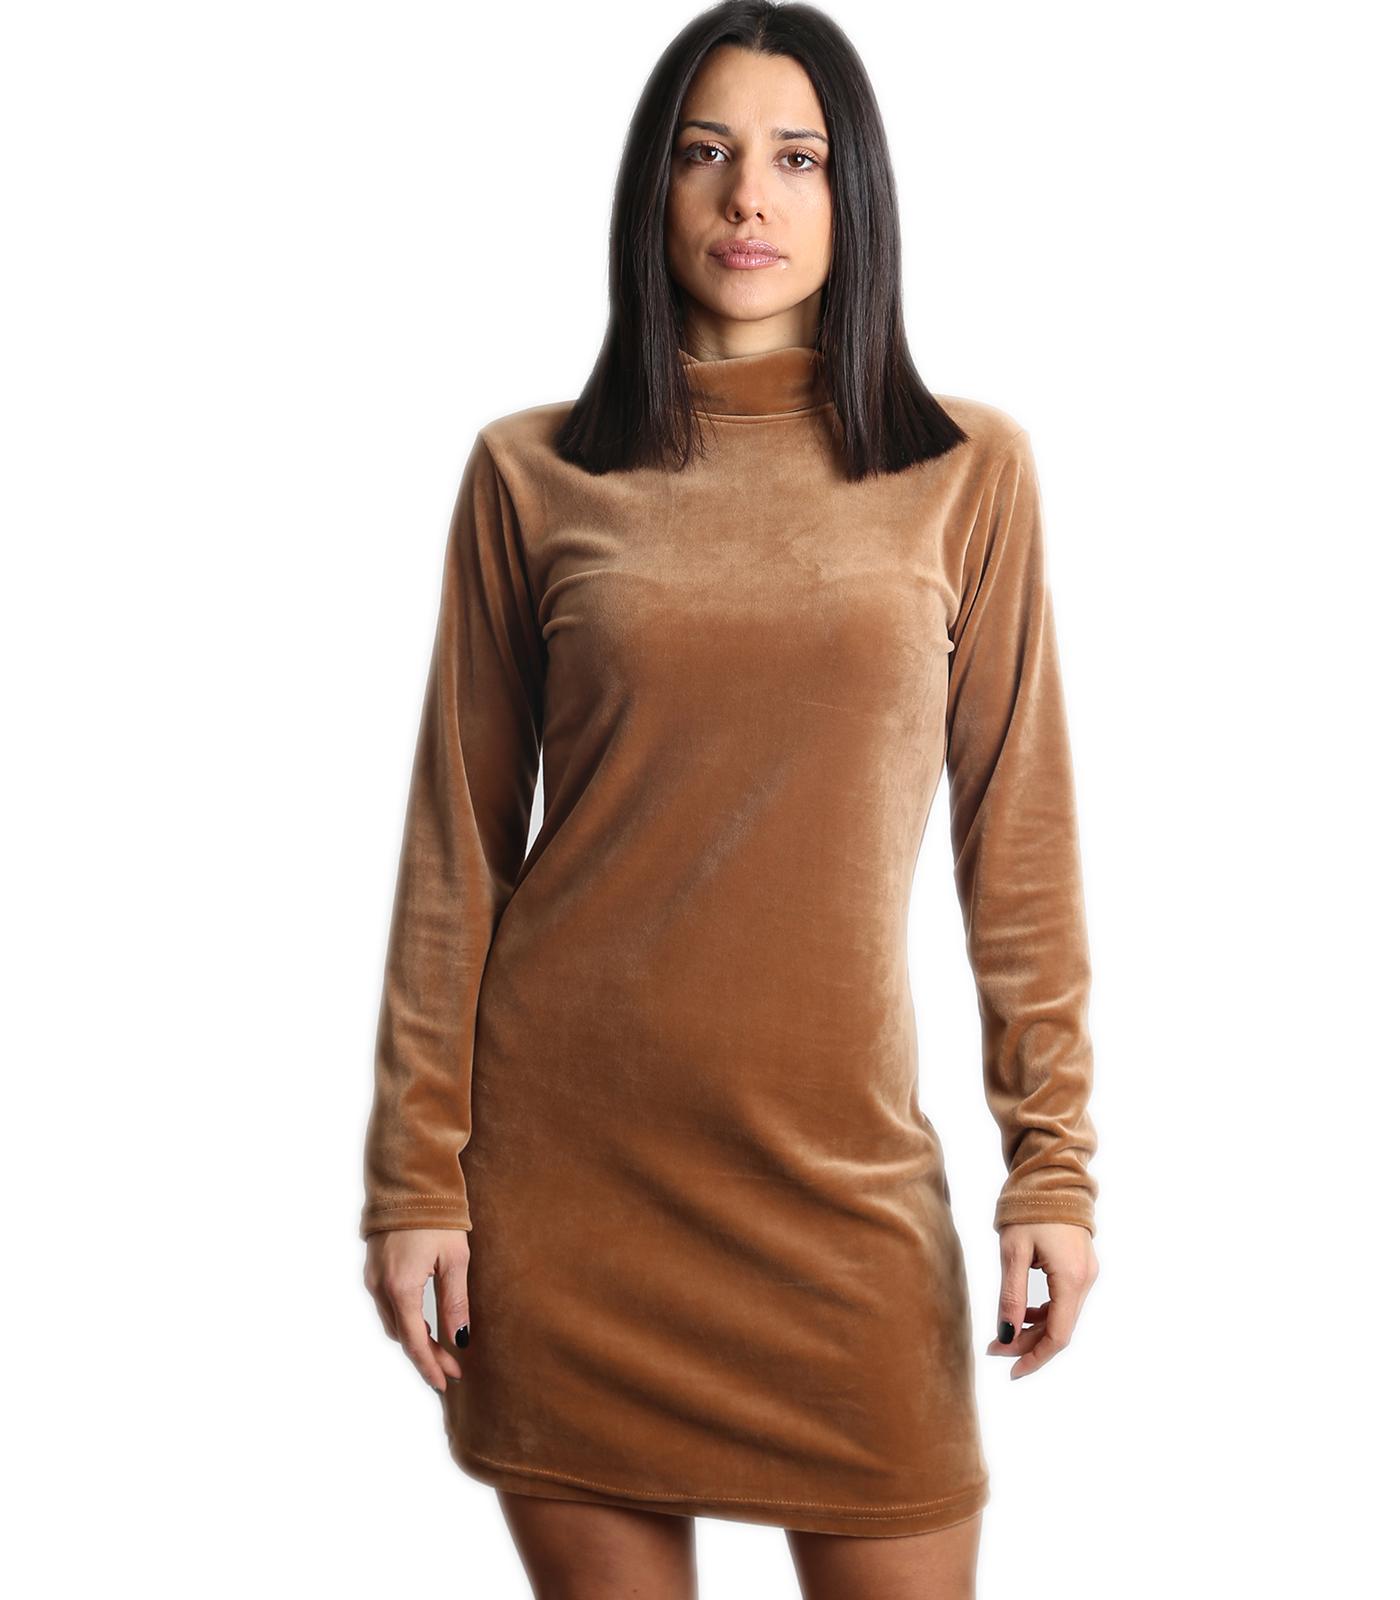 Βελούδινο μίνι φόρεμα ζιβάγκο (Κάμελ)